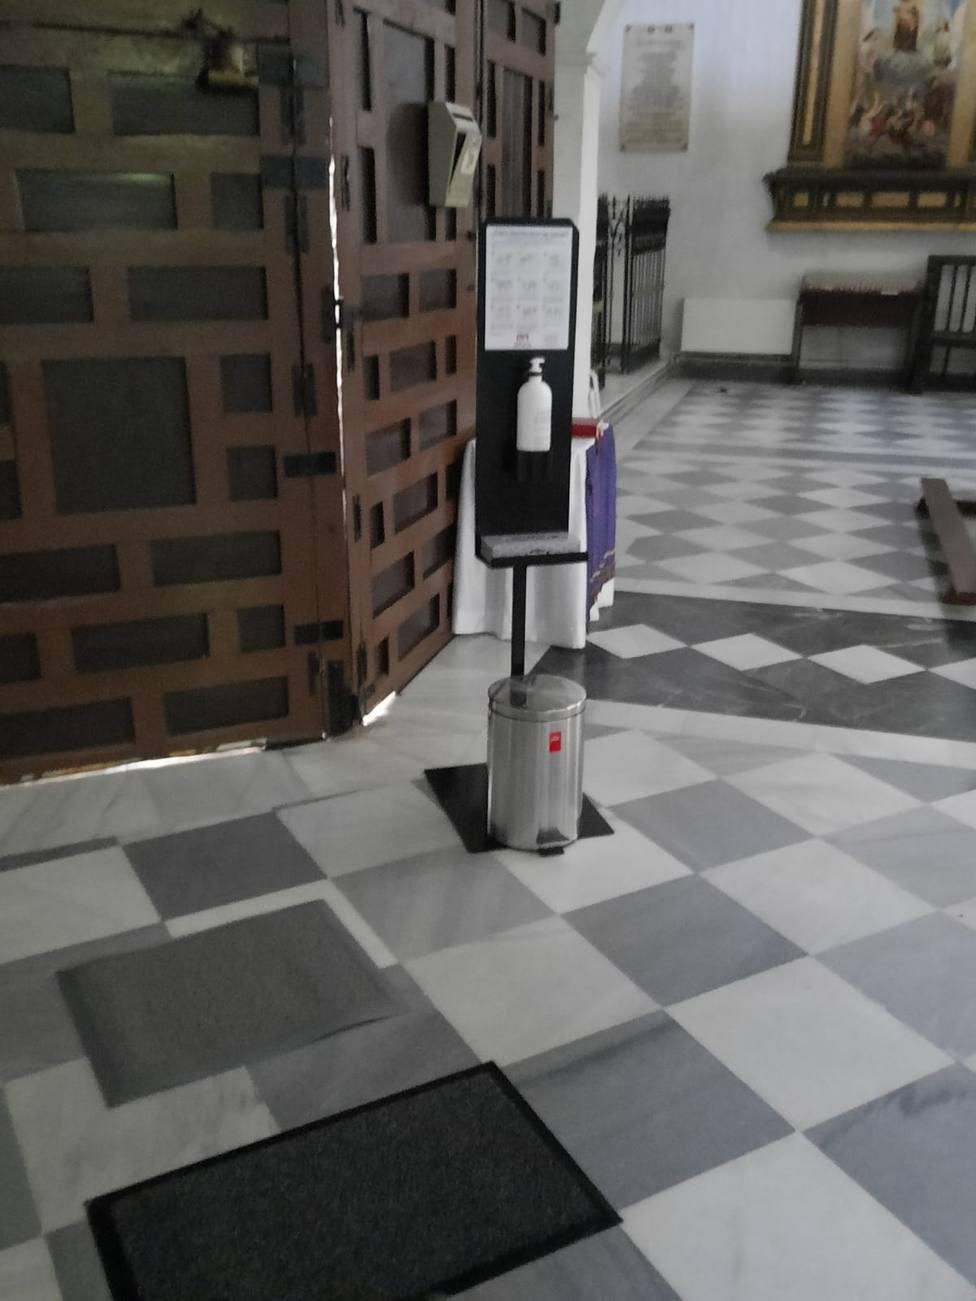 SUMINISTROS MERAYA- Trasmite confianza a tus clientes con la estación de higiene manual